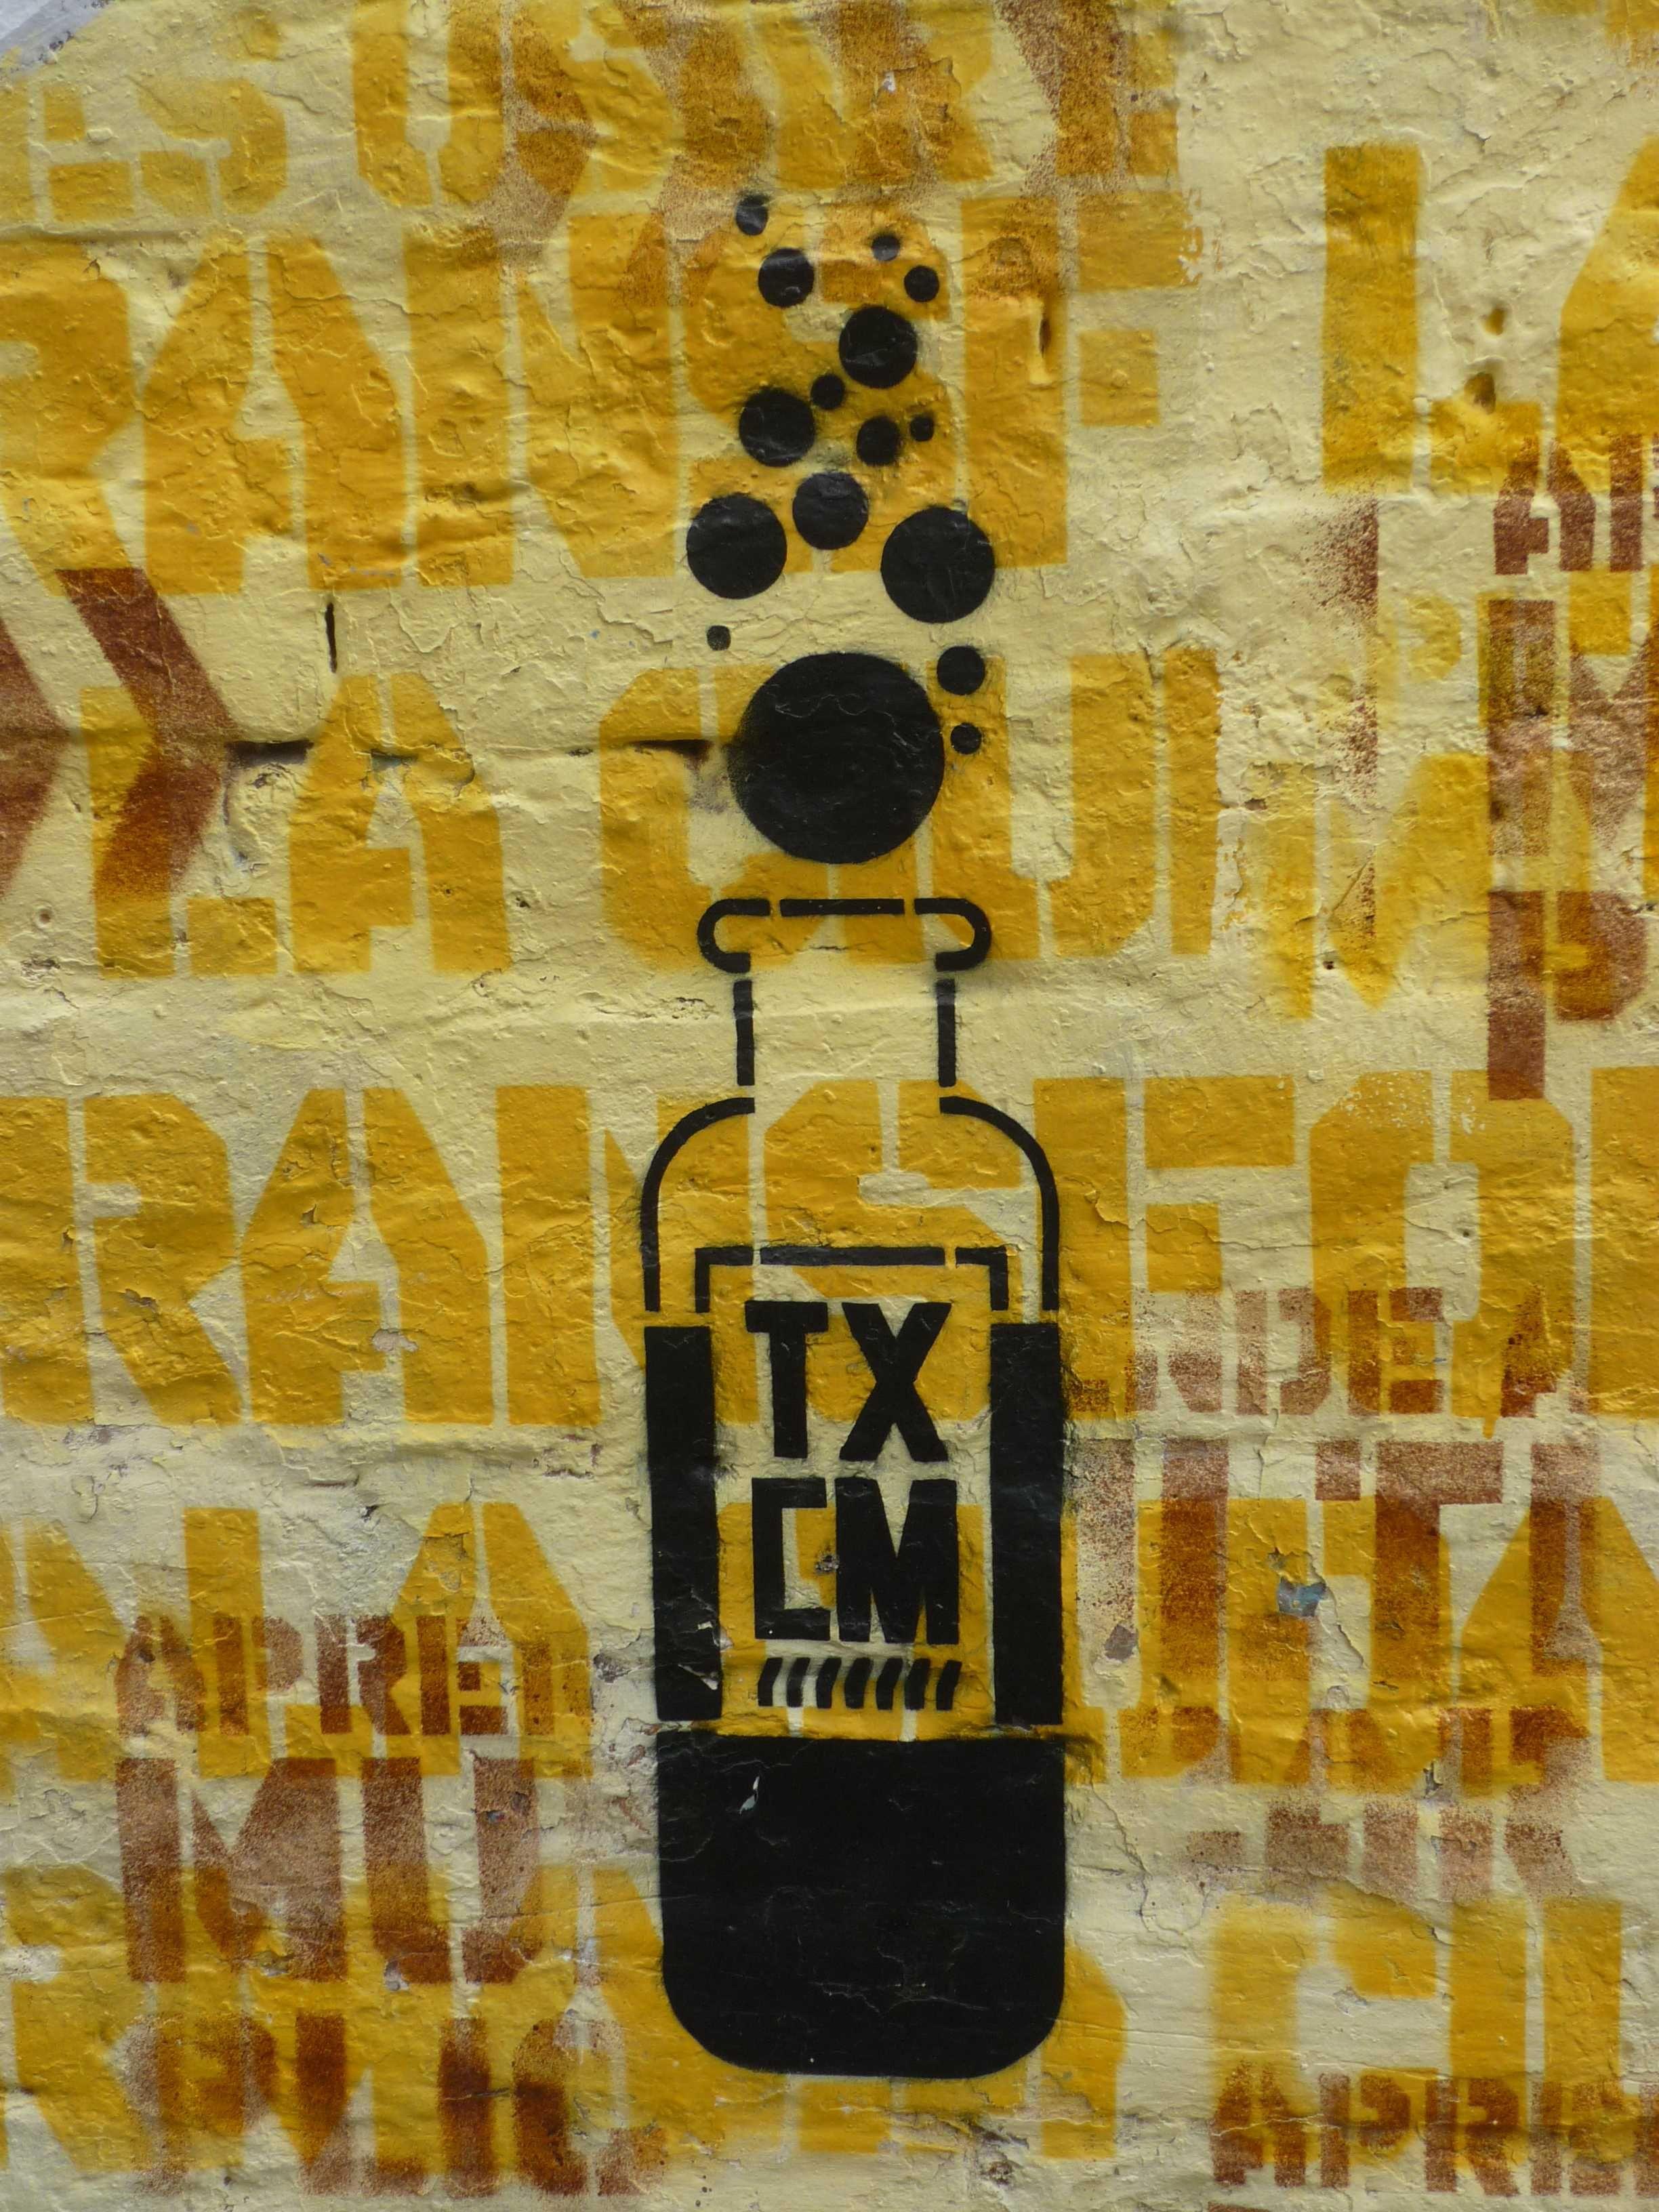 Dirección: Calle 31 arriba de la Caracas. Artista: Toxicómano.